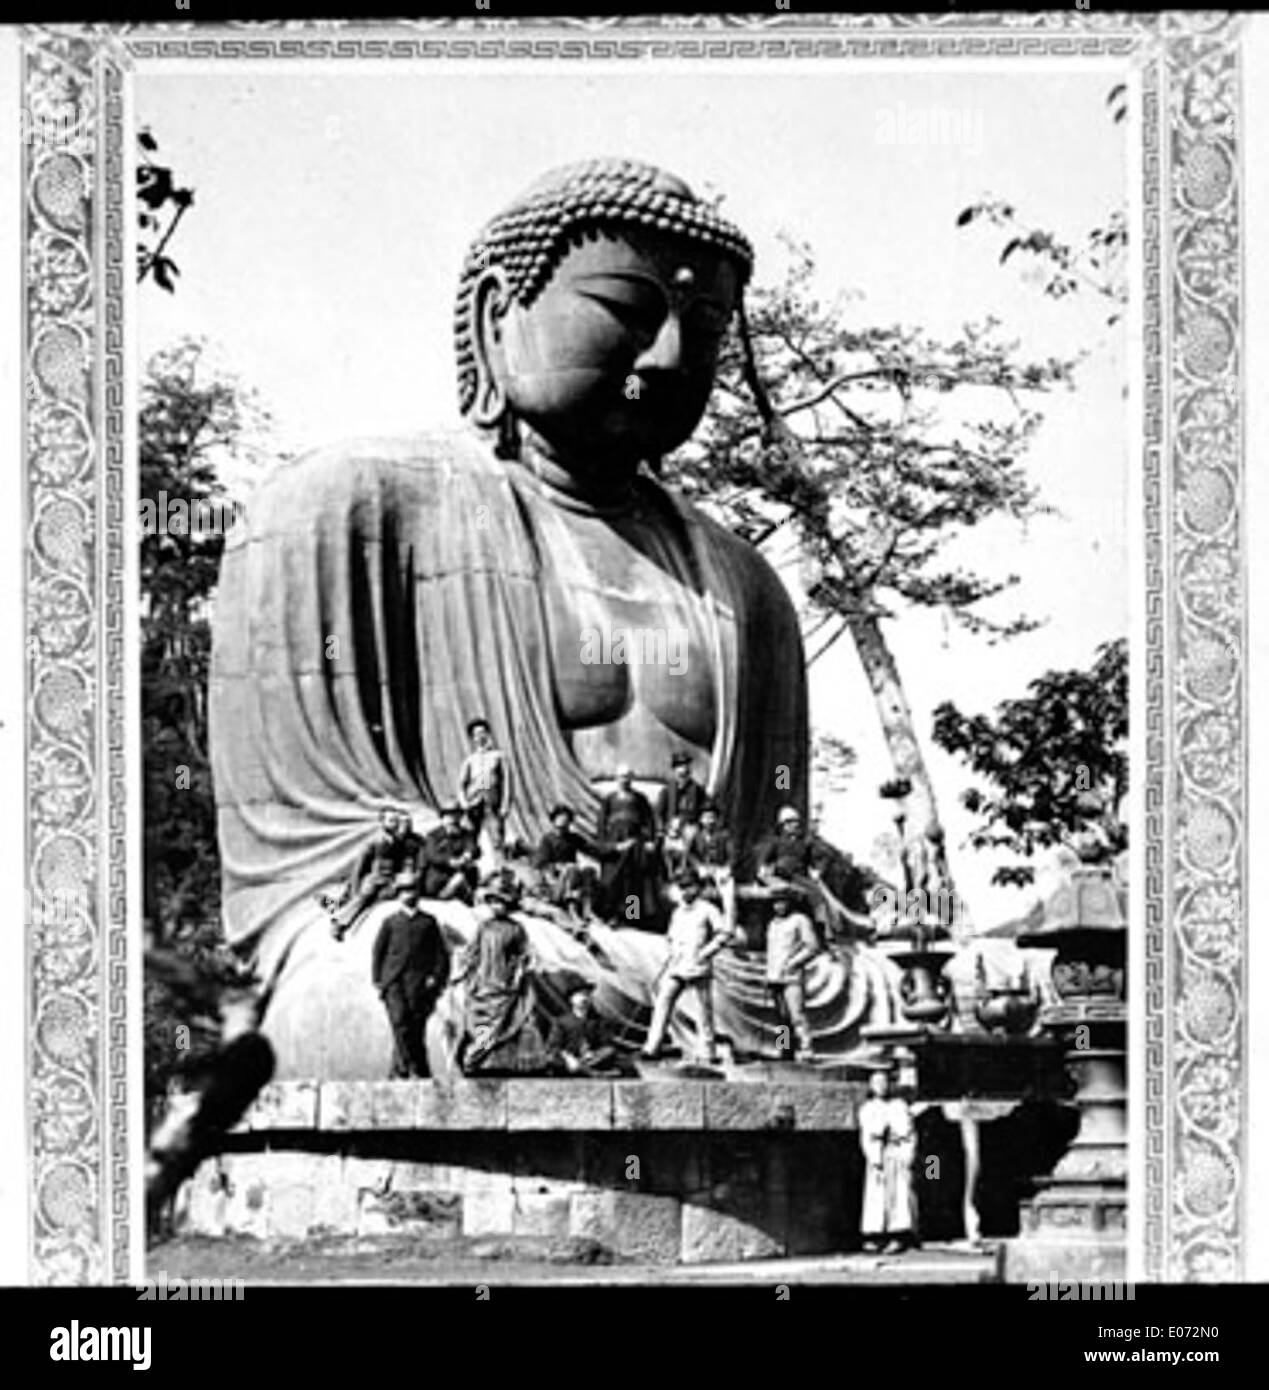 Groupe de voyageurs occidentaux posant aux pieds d'une statue géante de Bouddha, Asie - Stock Image